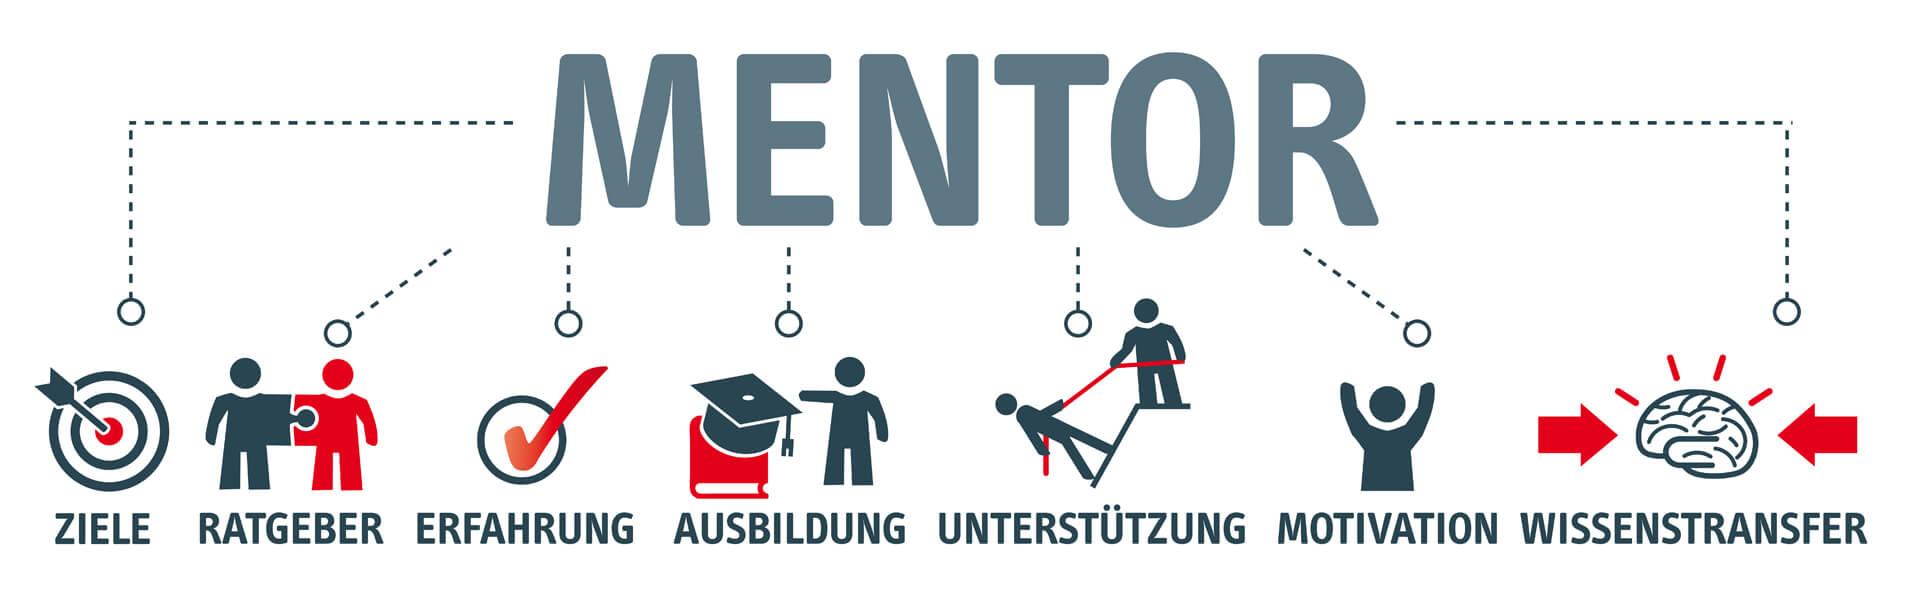 mentoring; mentor; coaching; beratung; erfahrung; erfolg mit ACON